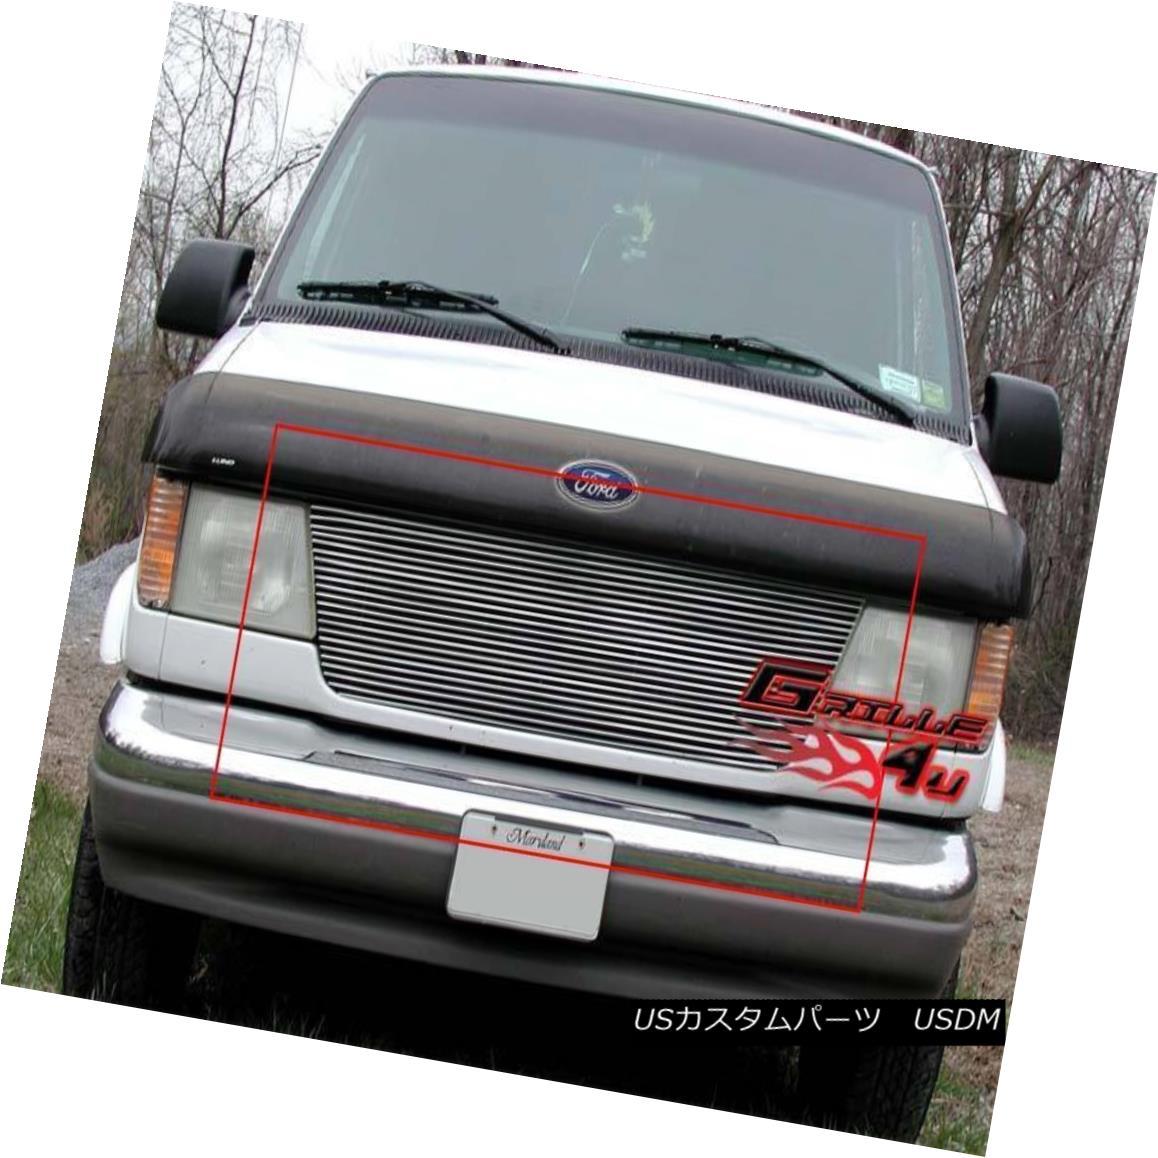 グリル Fits 1992-2006 Ford Econoline Van Main Upper Billet Grille Insert 1992-2006 Ford Econoline Vanメインアッパービレットグリルインサート